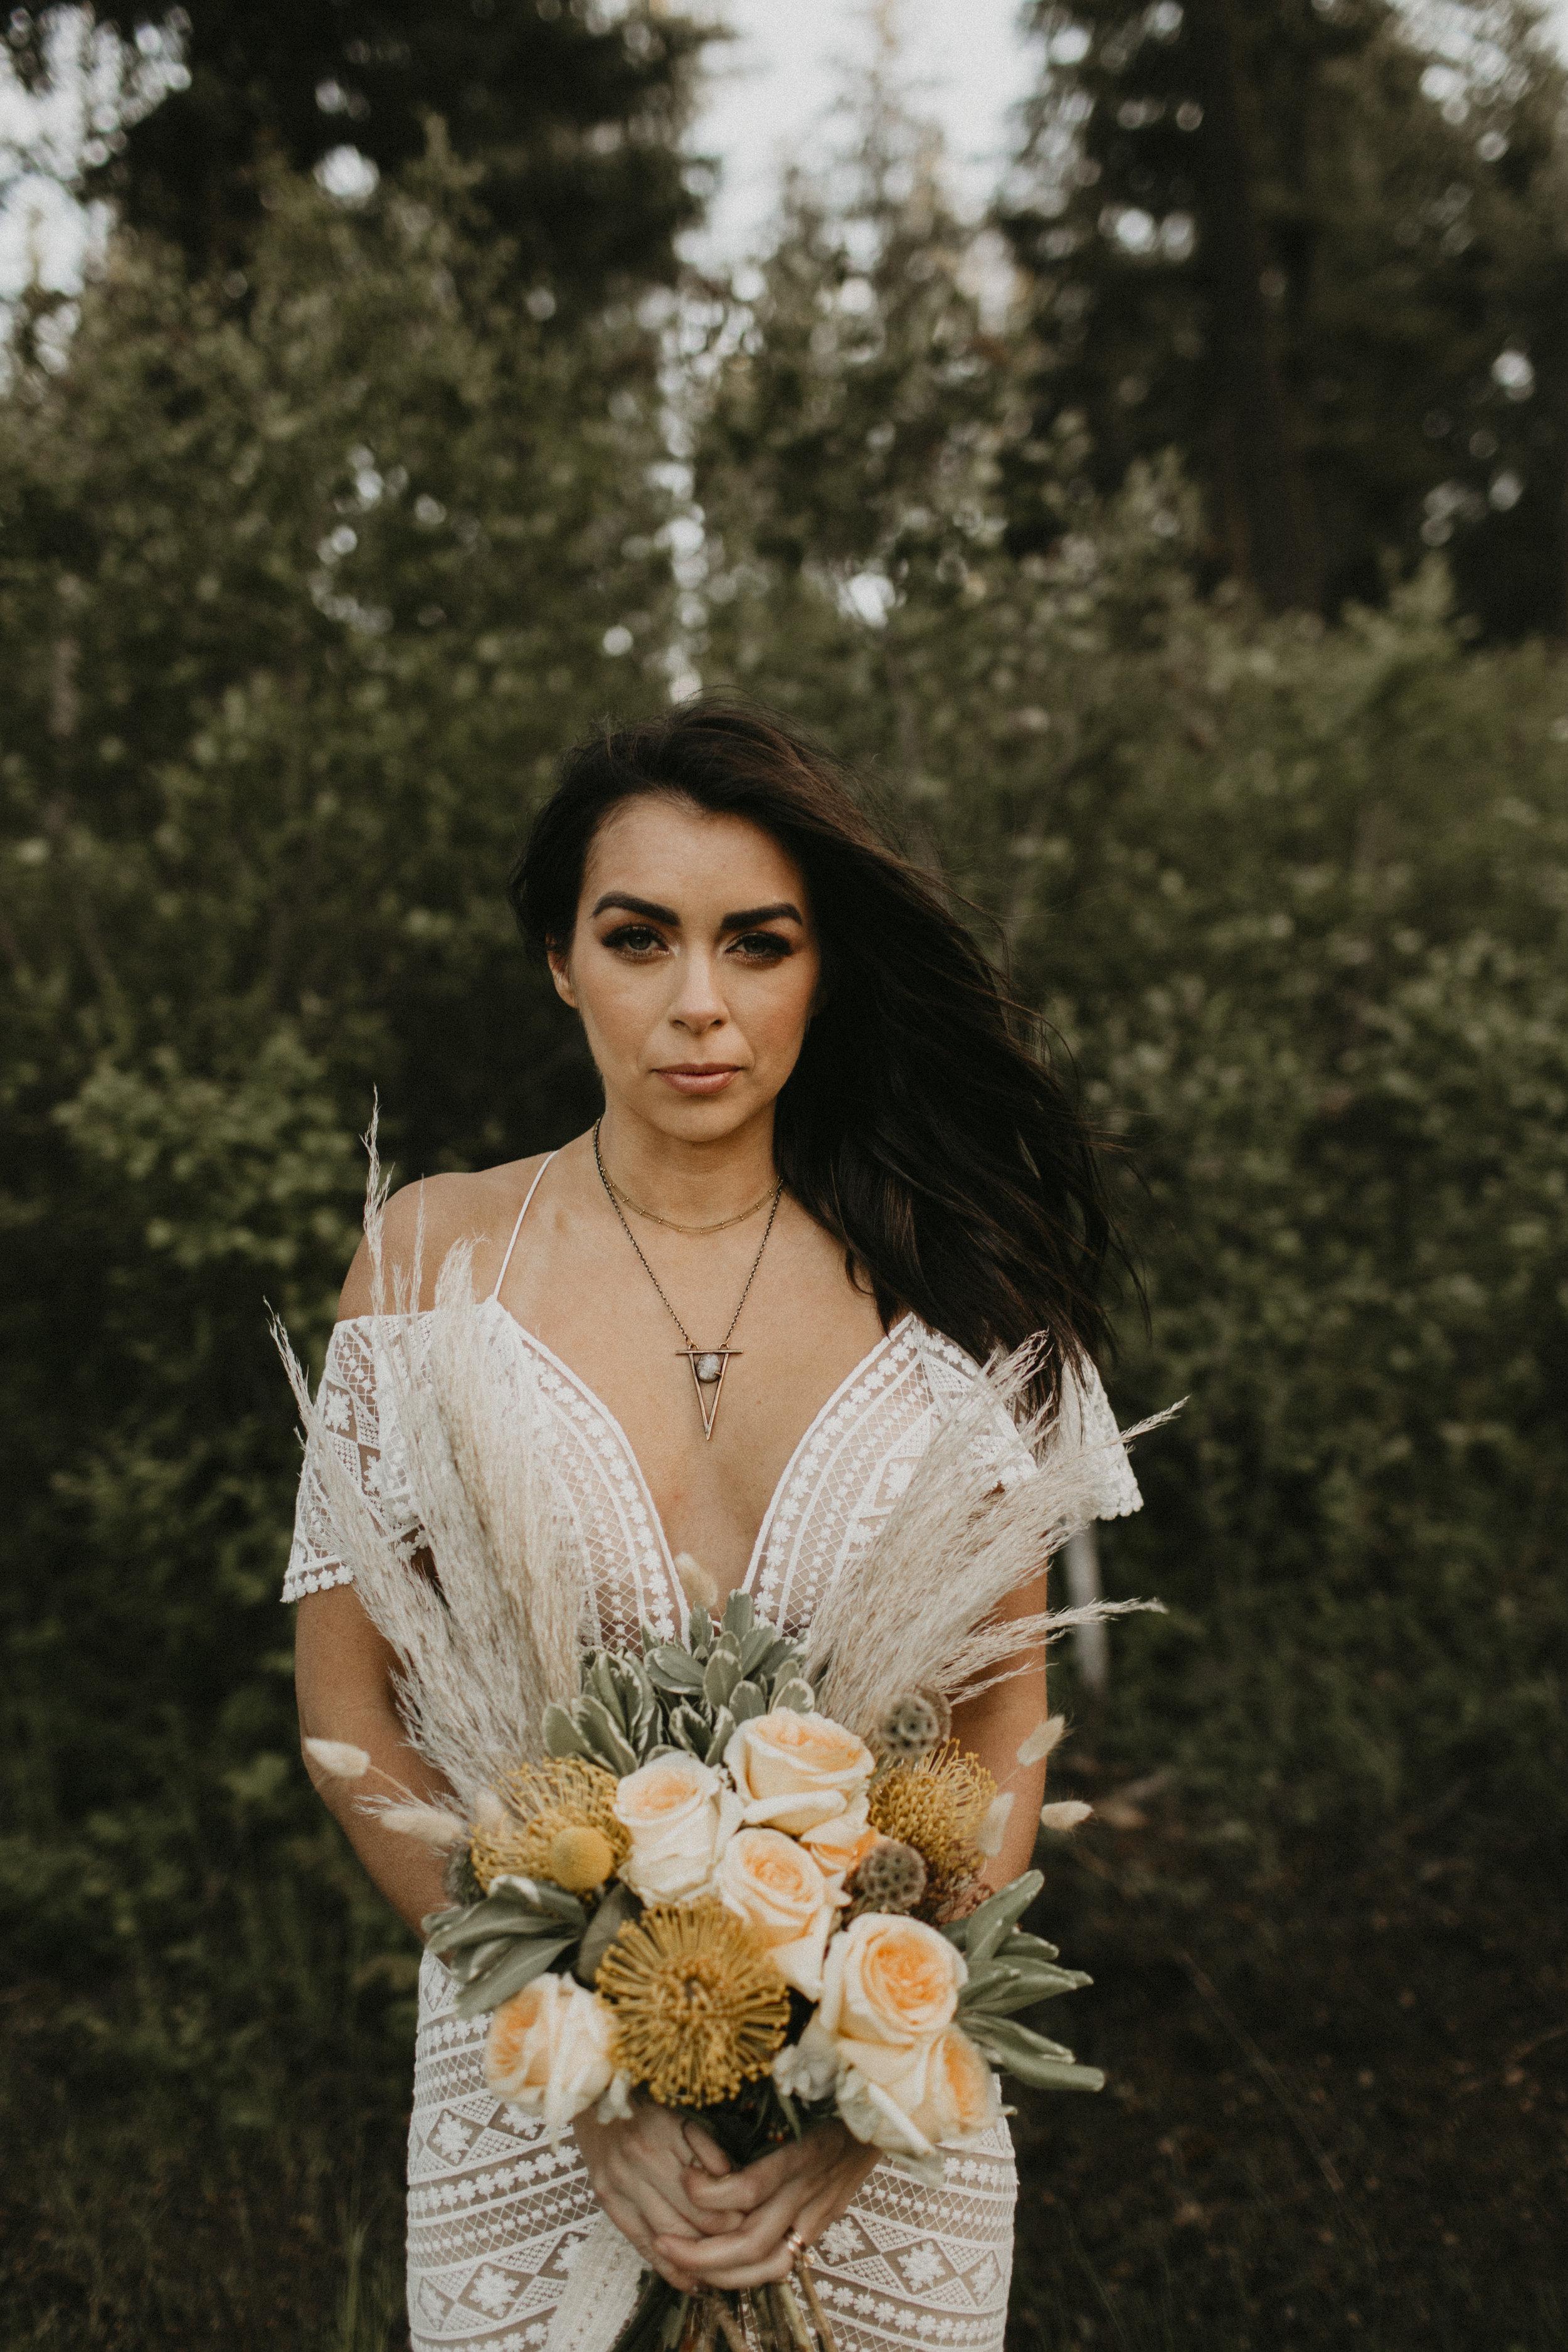 Spokane boho cattle wedding bride flowers outdoors portrait